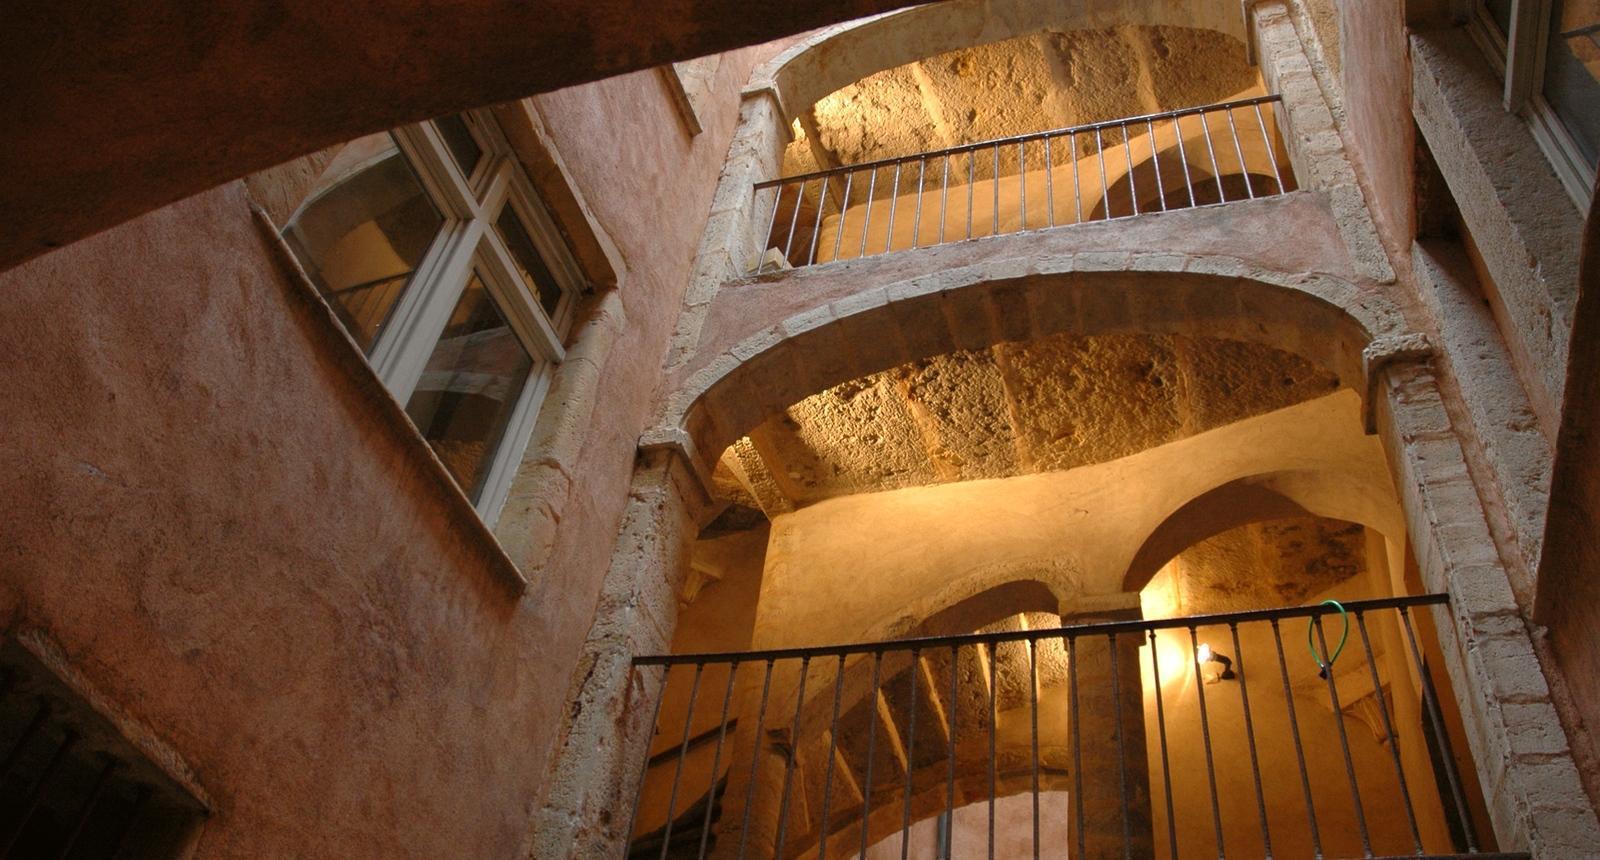 Immeuble de traboules dans le vieux Lyon